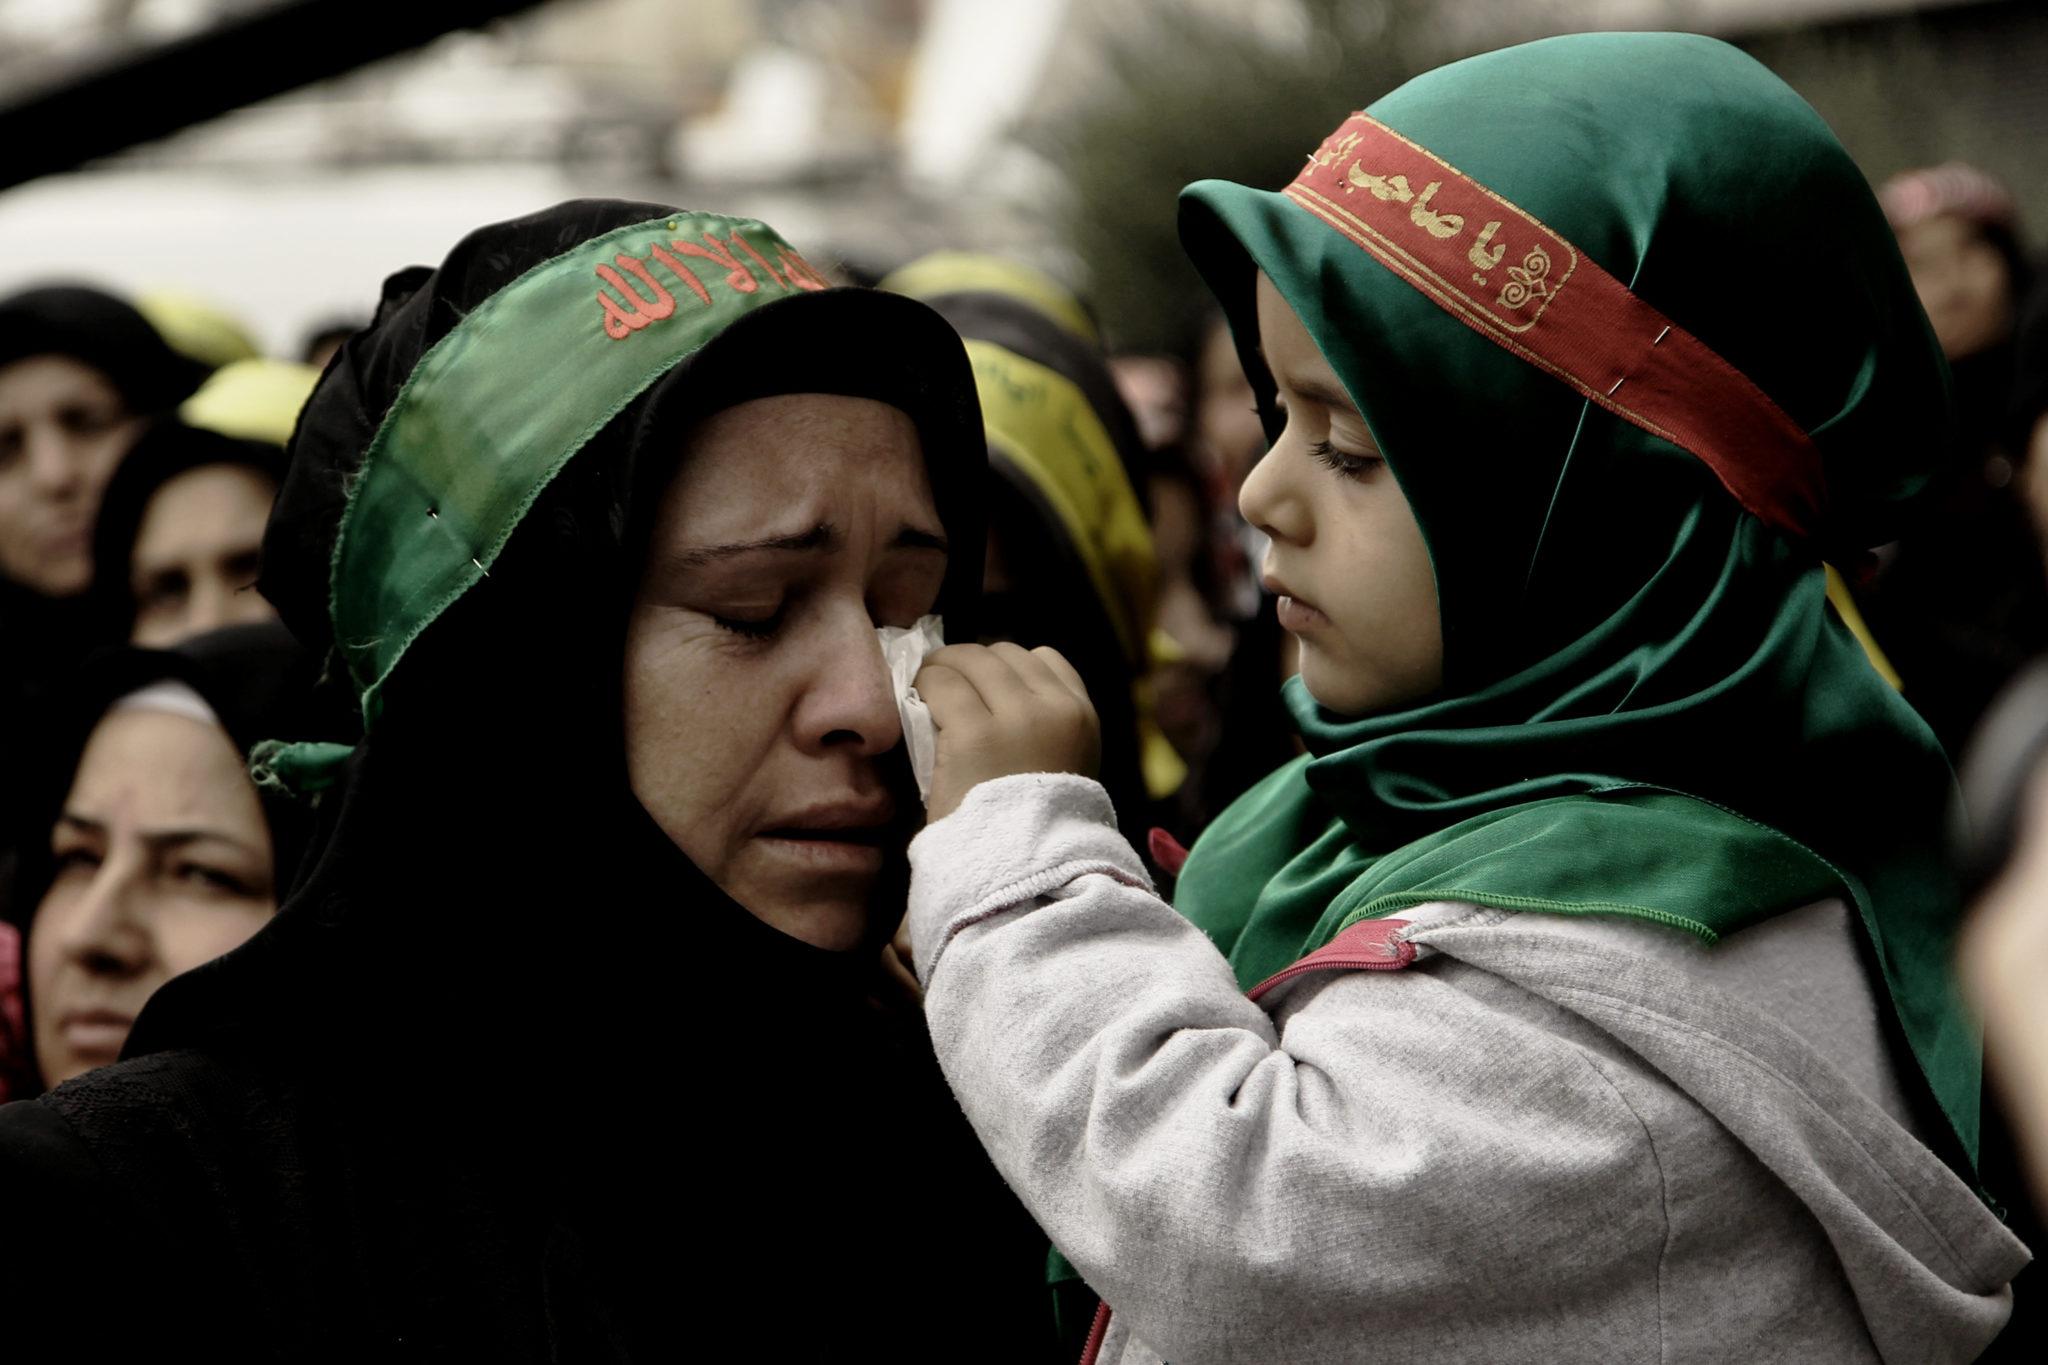 Eine muslimische Frau und ihre Tochter sind in Not. Die Mutter weint, das Kind auf ihrem Arm wischt ihr mit einem Tuch die Tränen weg.